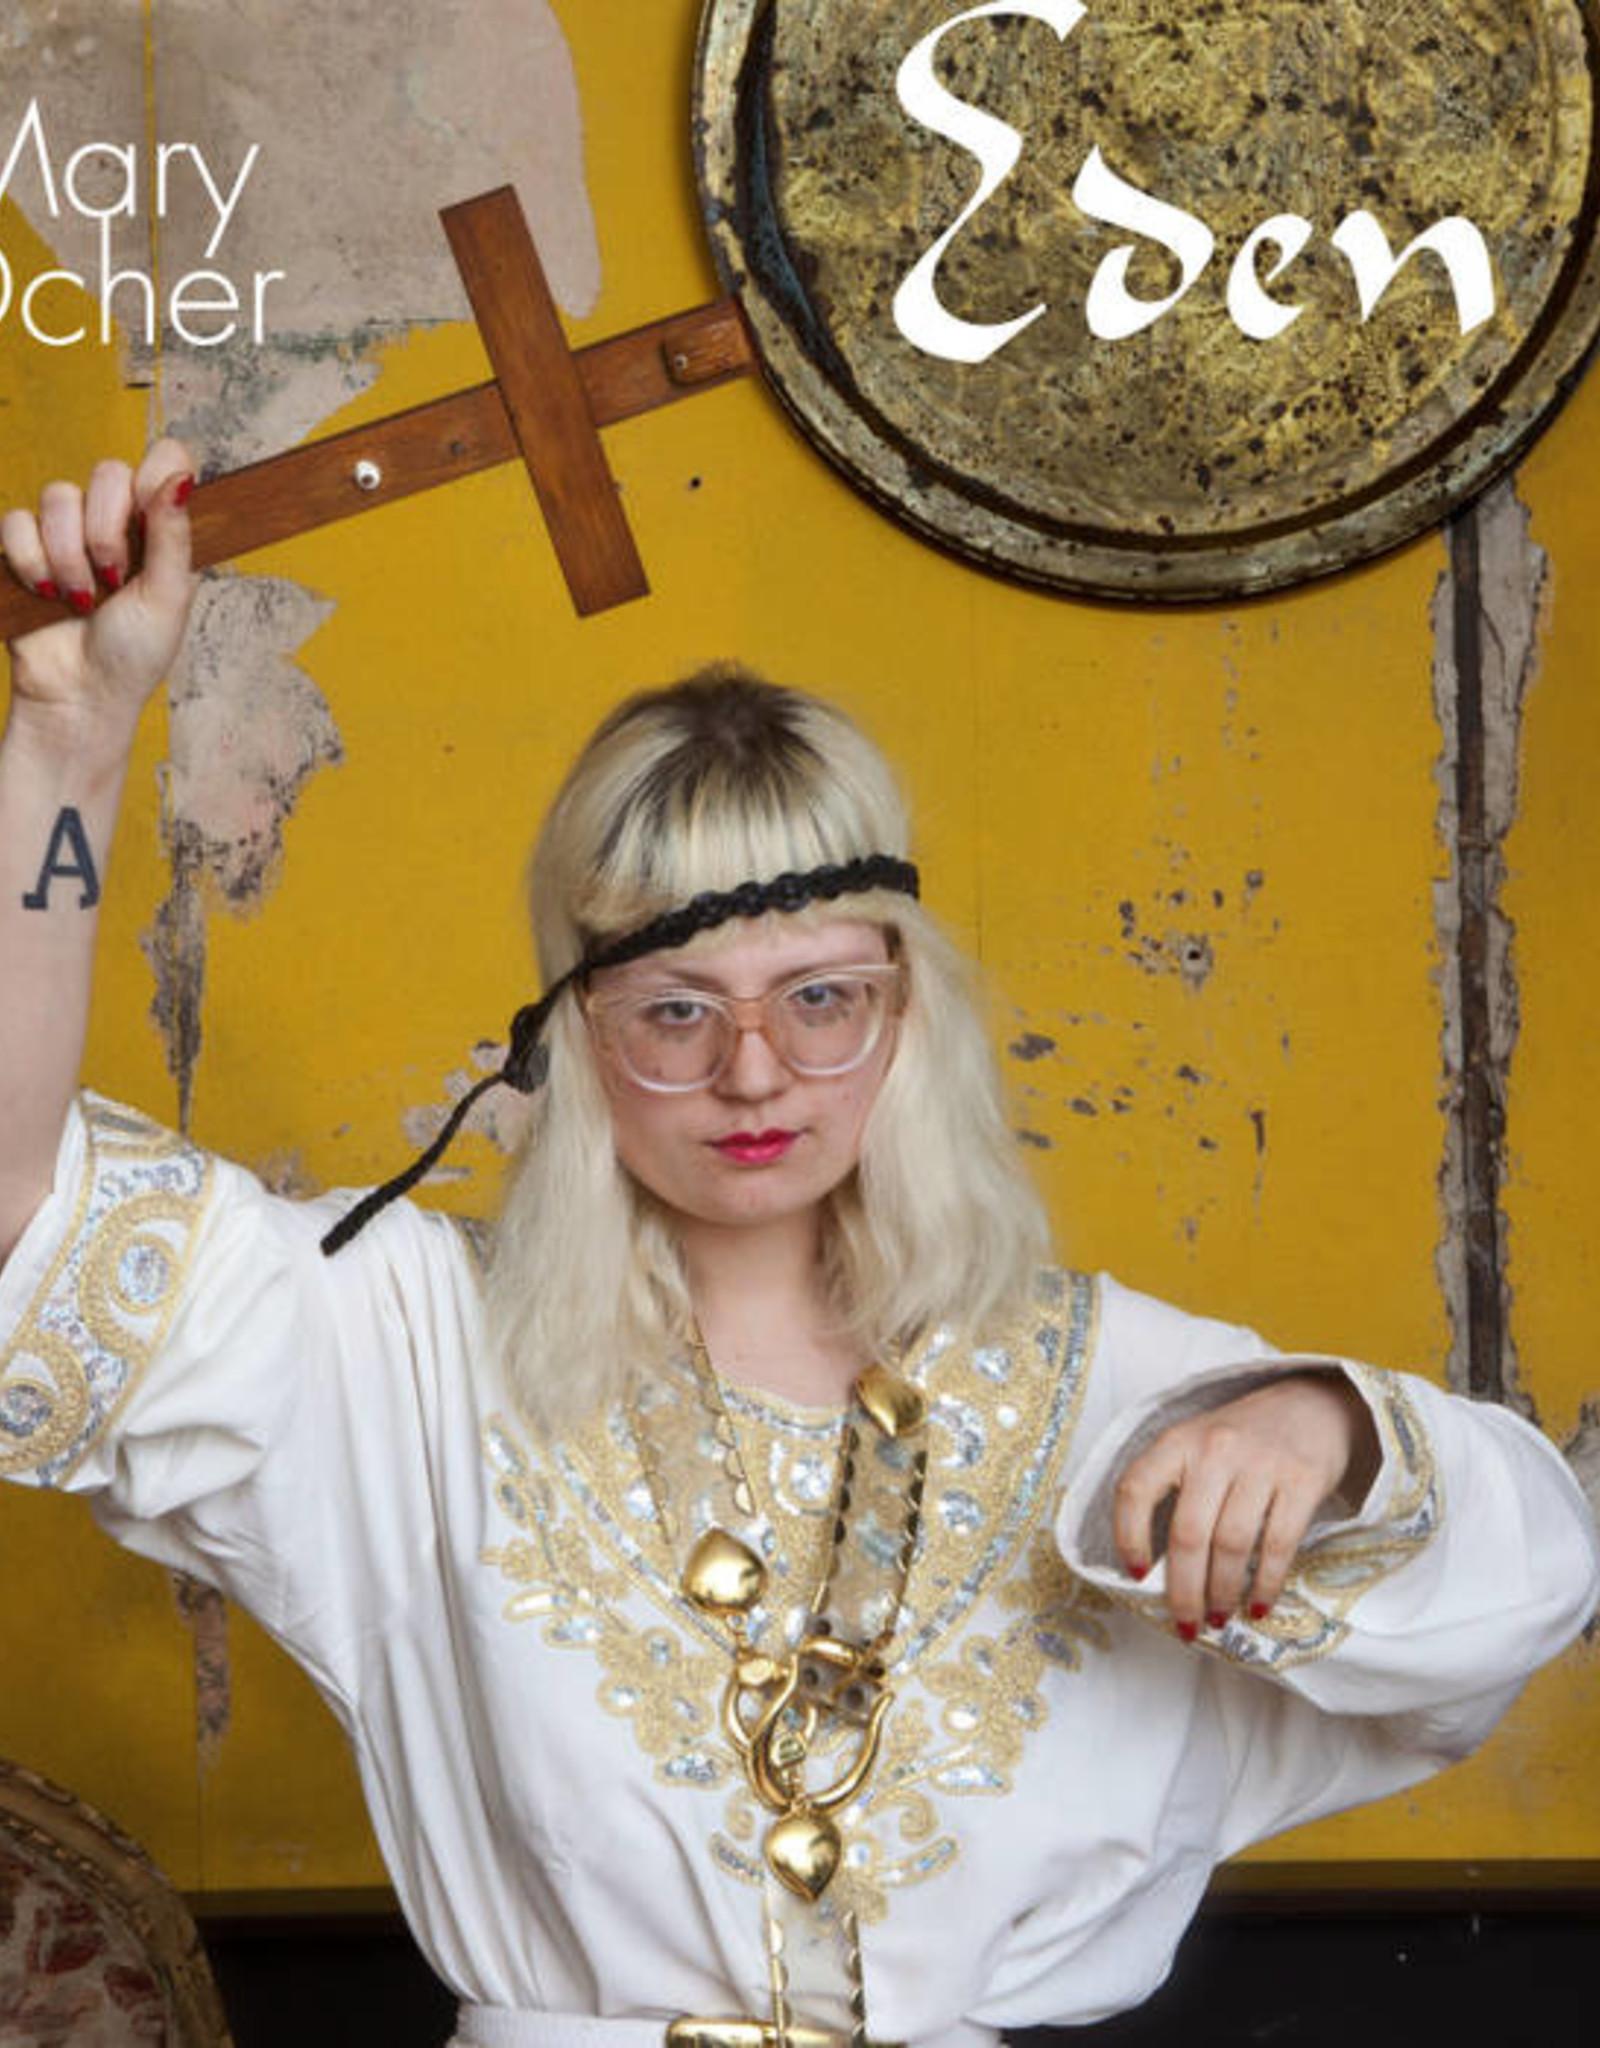 Mary Ocher - Eden